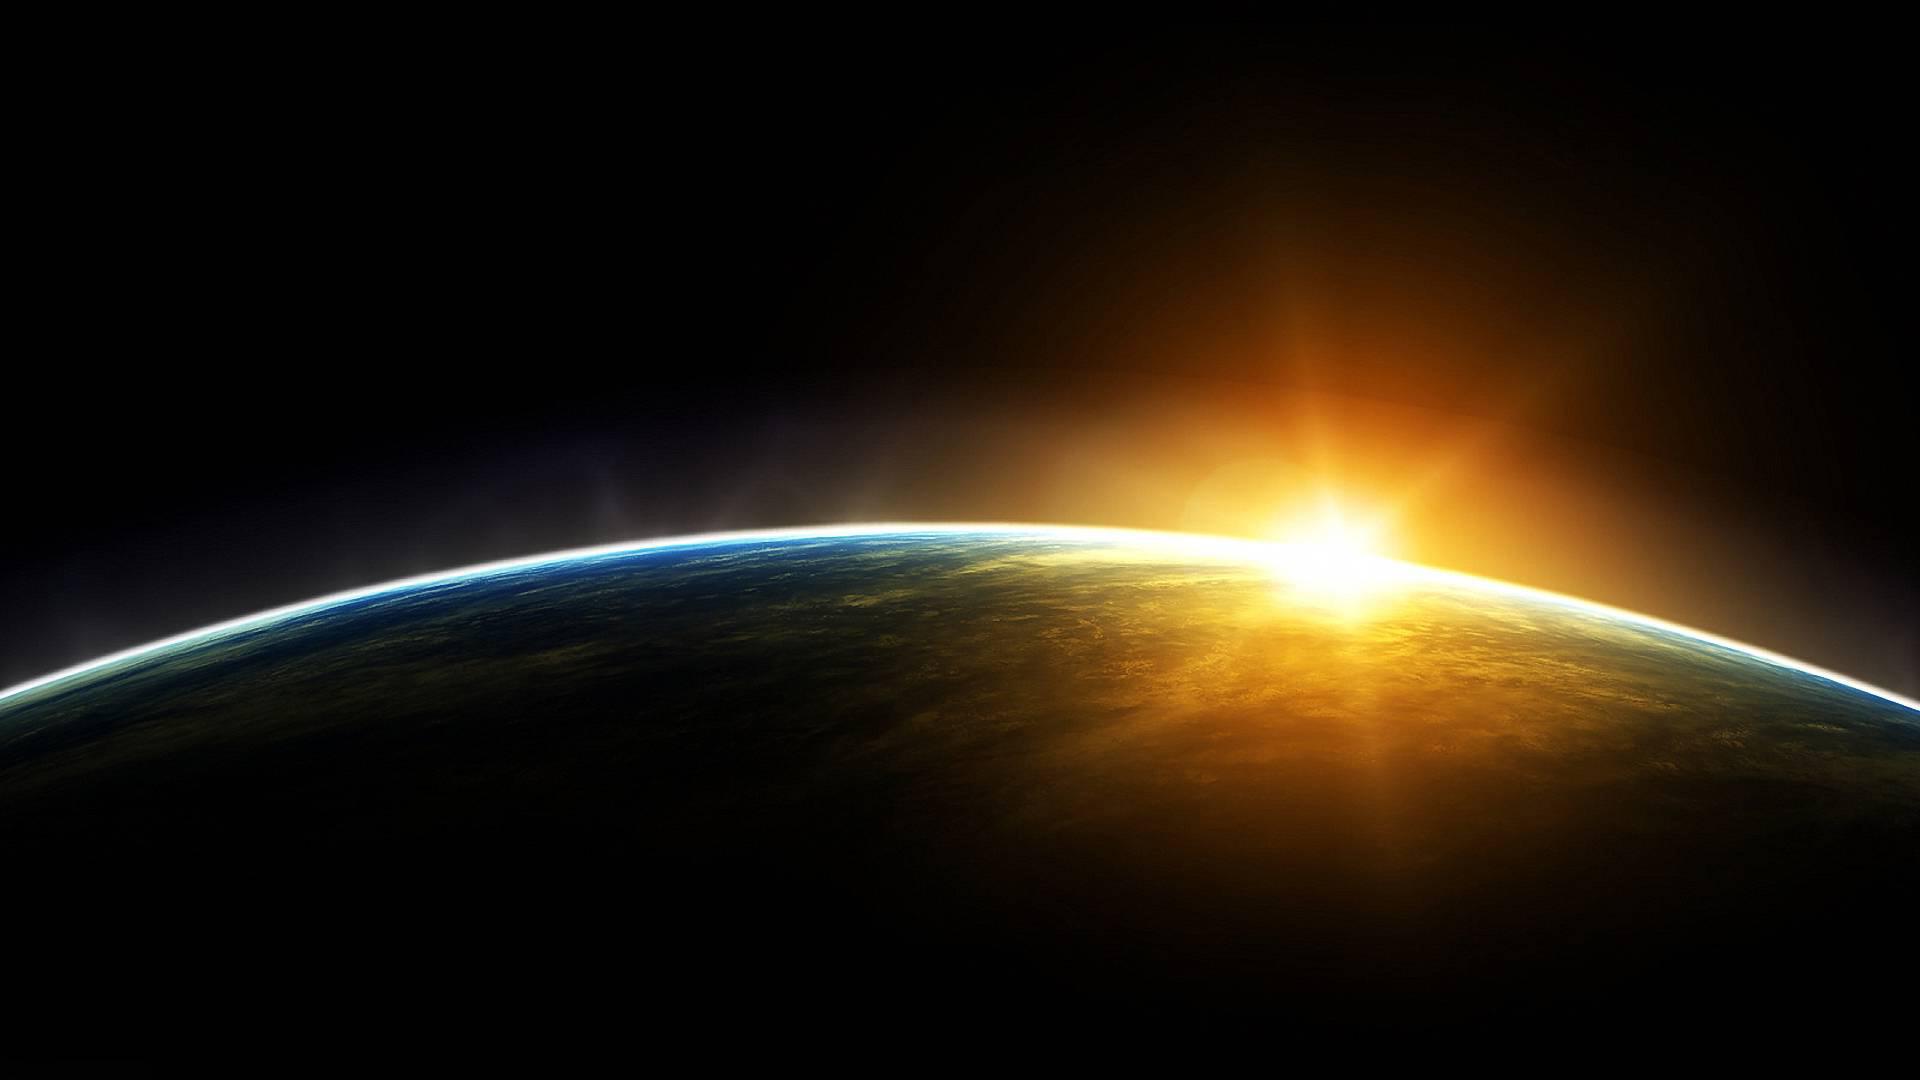 тему солнца вокруг земли картинки на движение